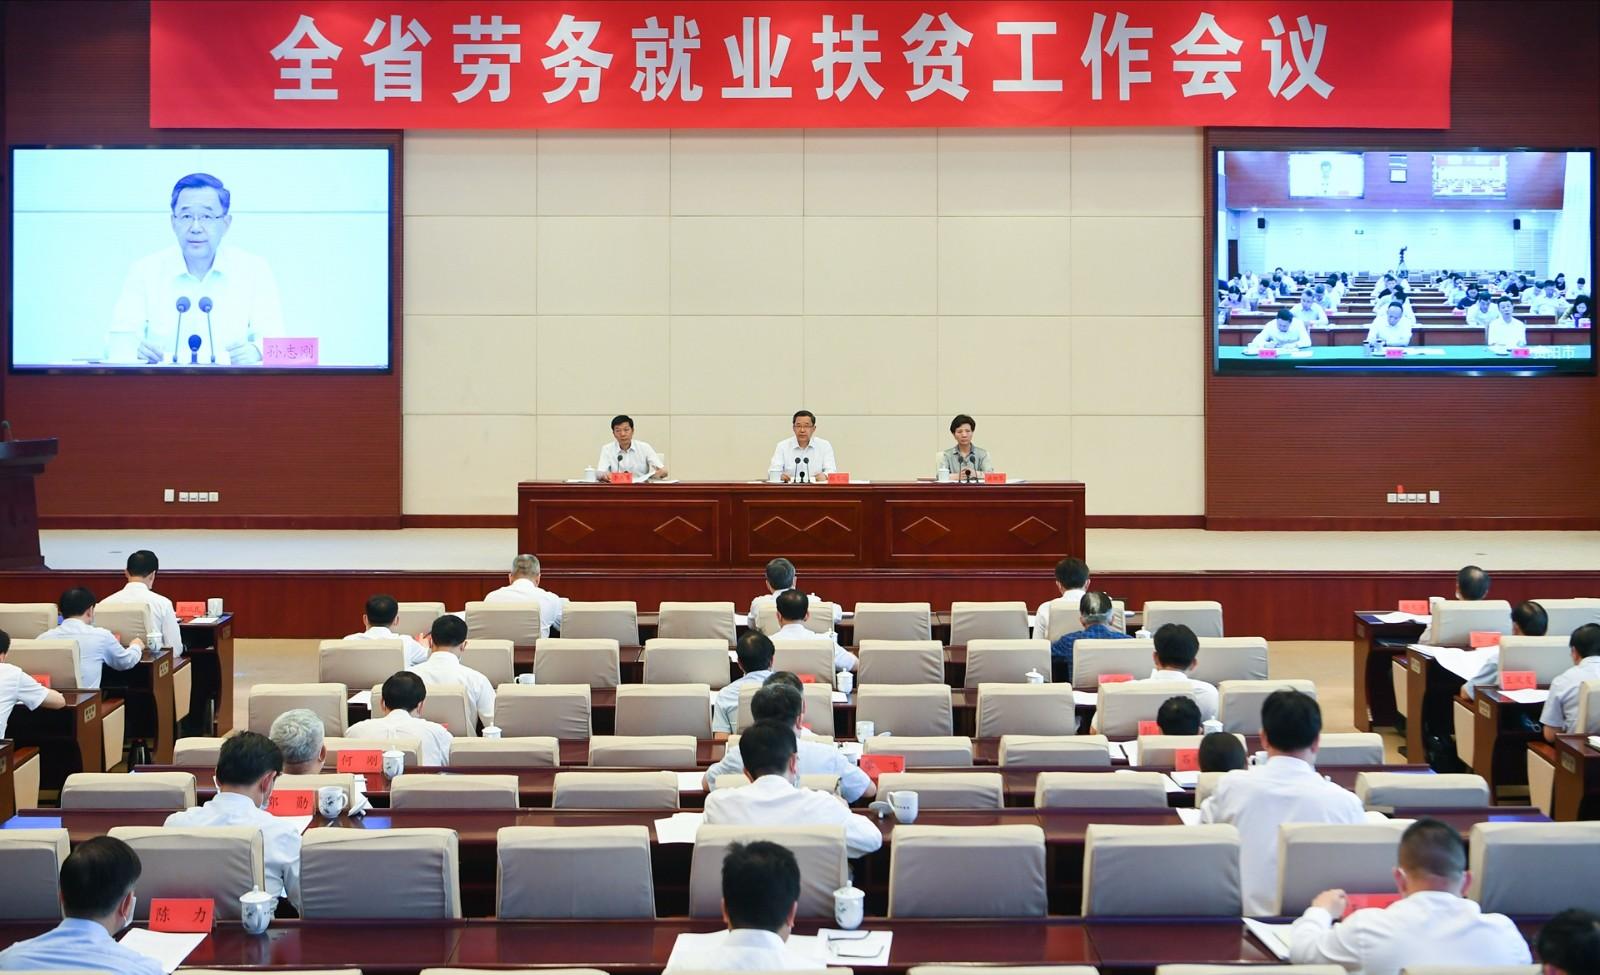 孙志刚:内外并重多措并举确保重点群体充分就业坚决按时高质量打赢脱贫攻坚战